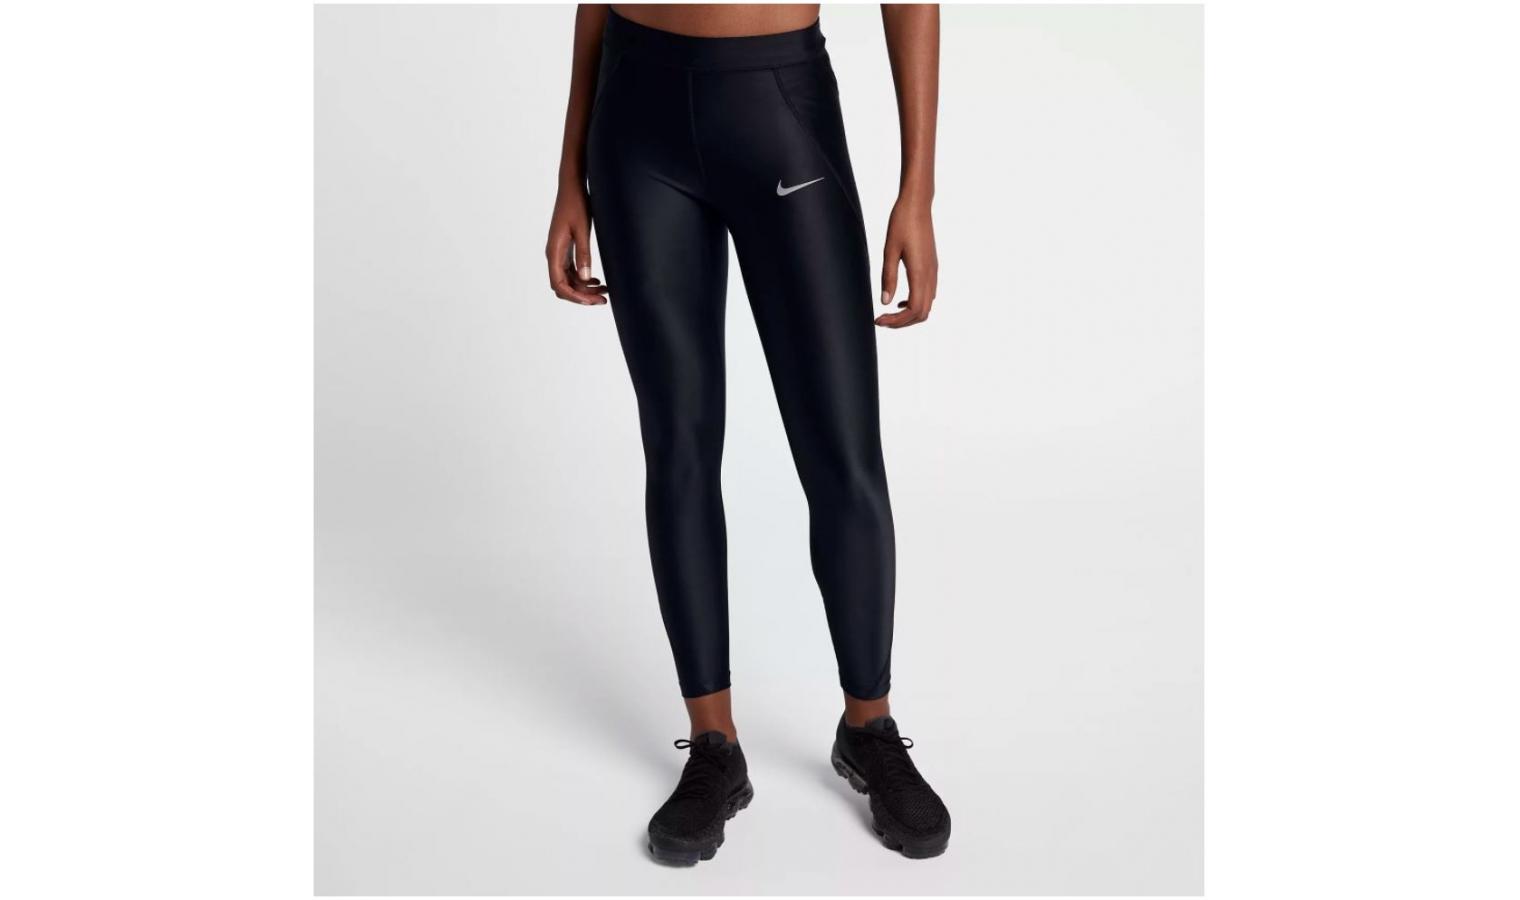 84a7bdf967e2 Dámské kompresní legíny Nike NK SPEED TGHT 7 8 W černé